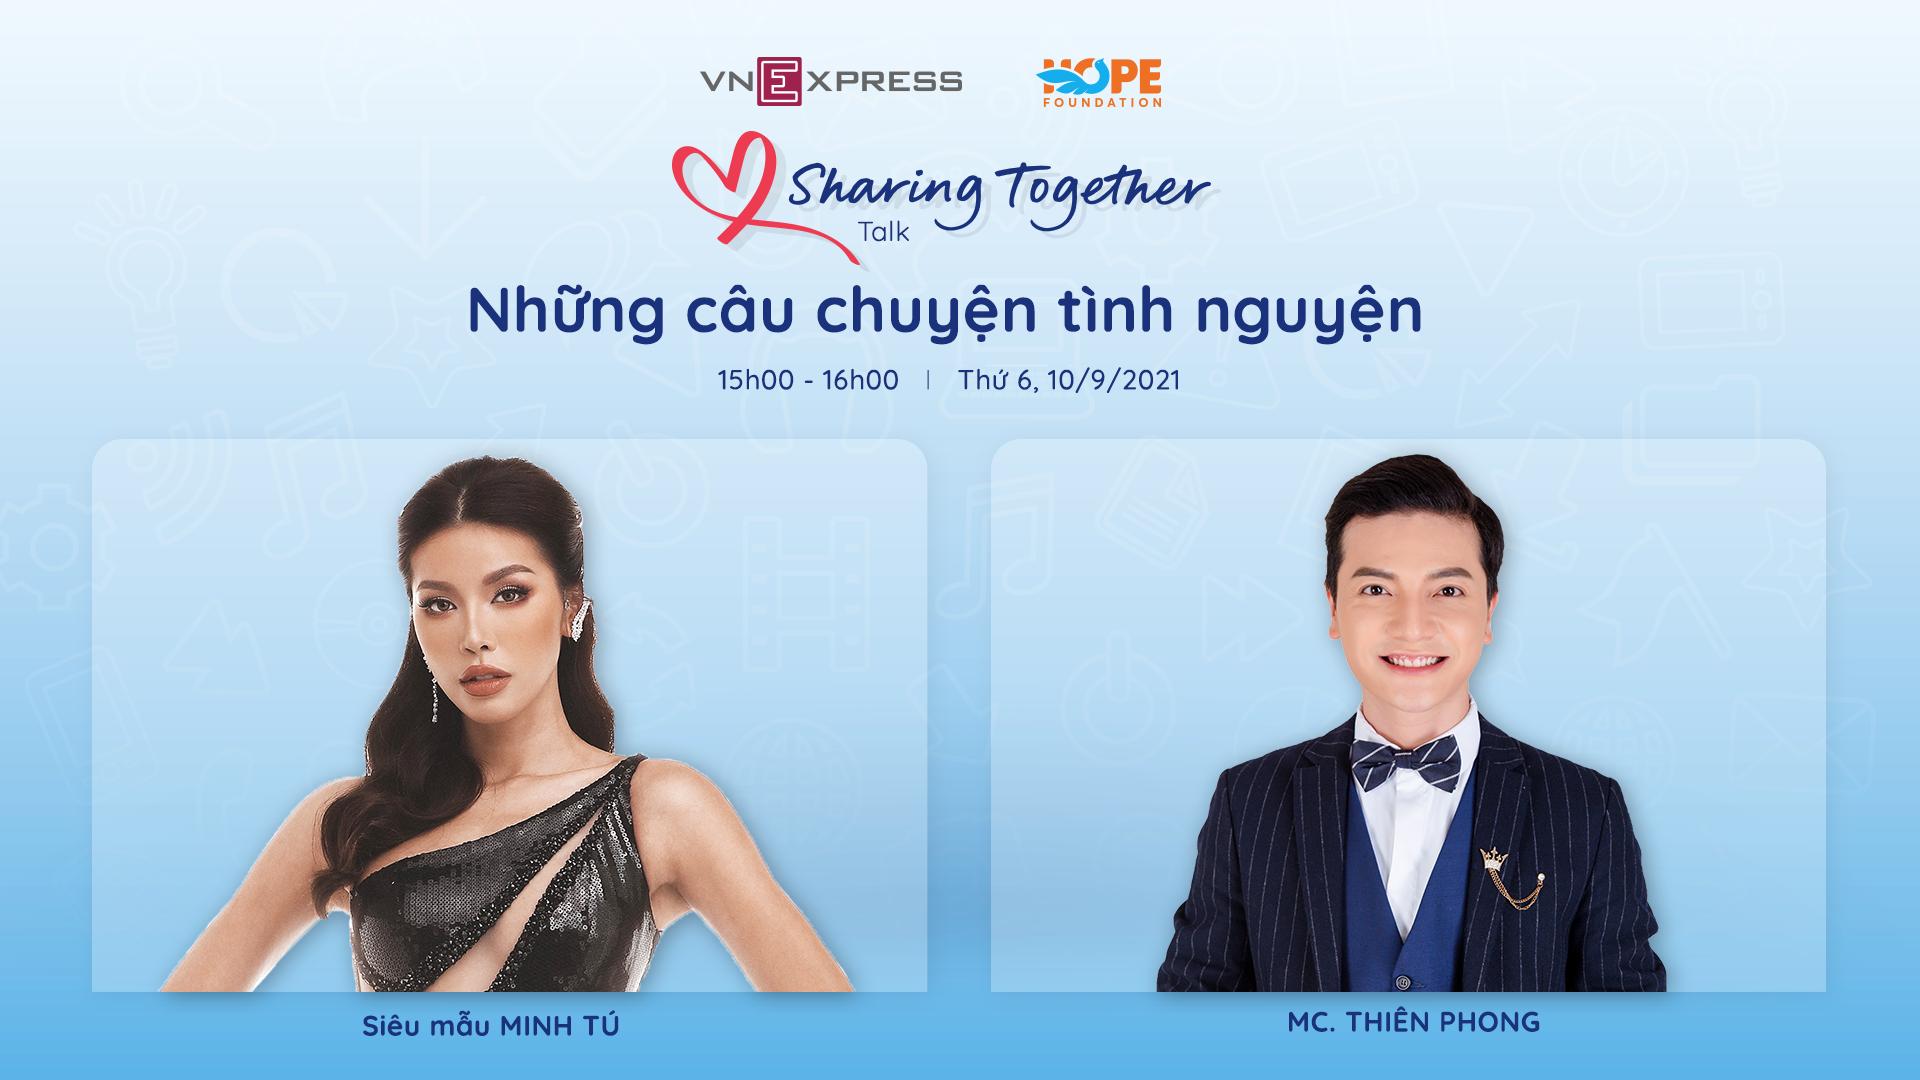 Siêu mẫu Minh Tú (trái) tham gia talkshow cùng MC Thiên Phong.